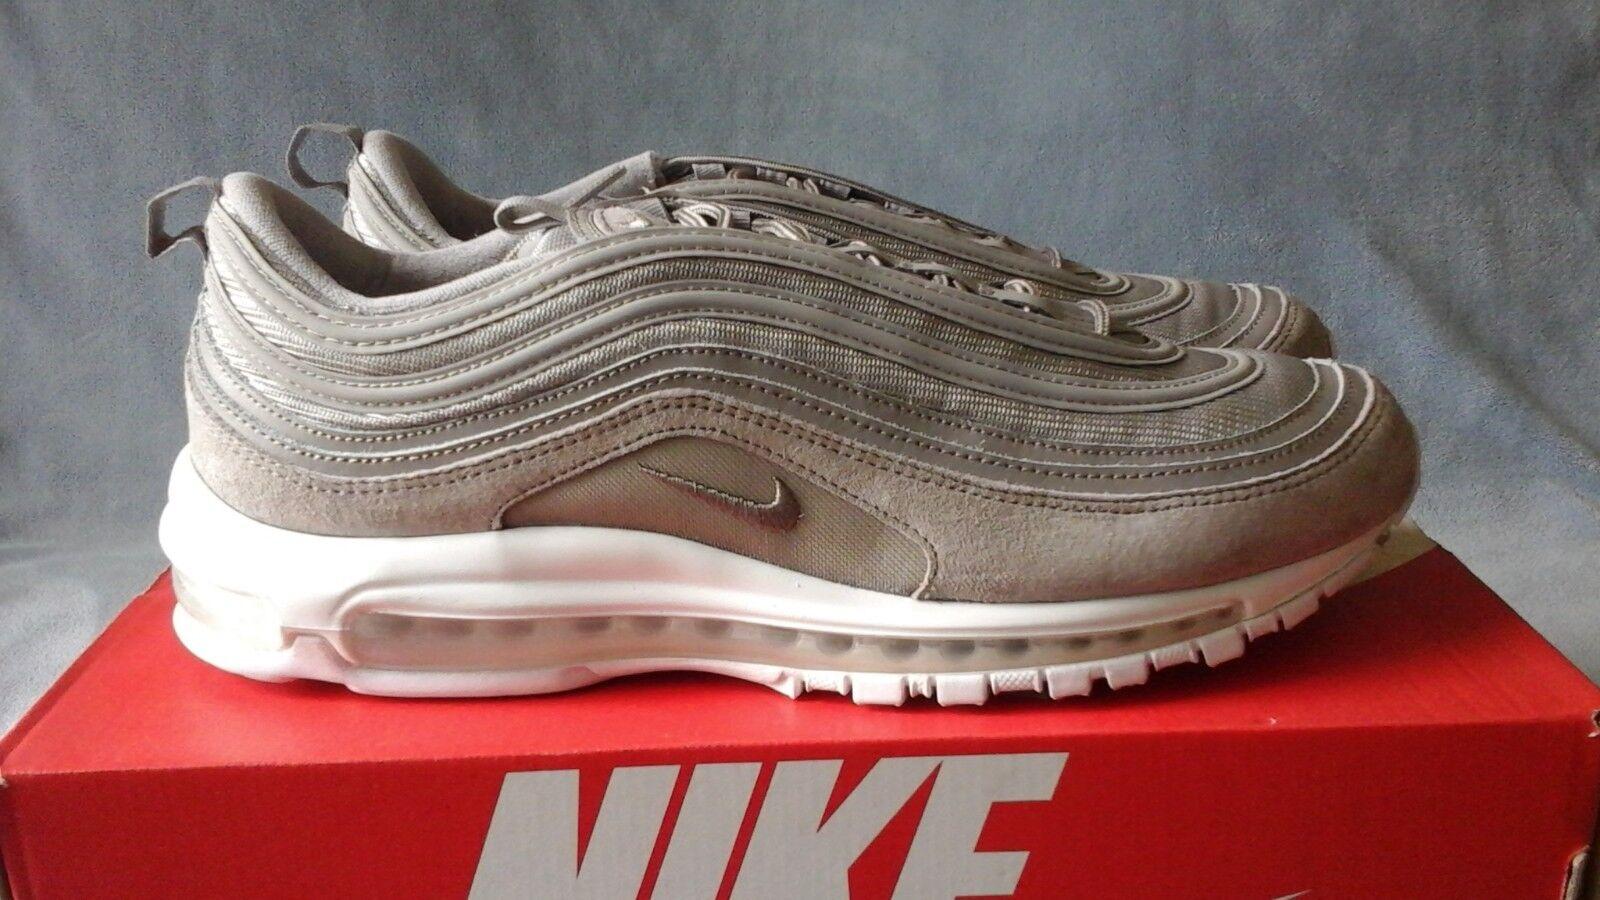 Nike Nike Nike air max 97 kopfsteinpflaster weiße 921826-002 größe. bed5d3